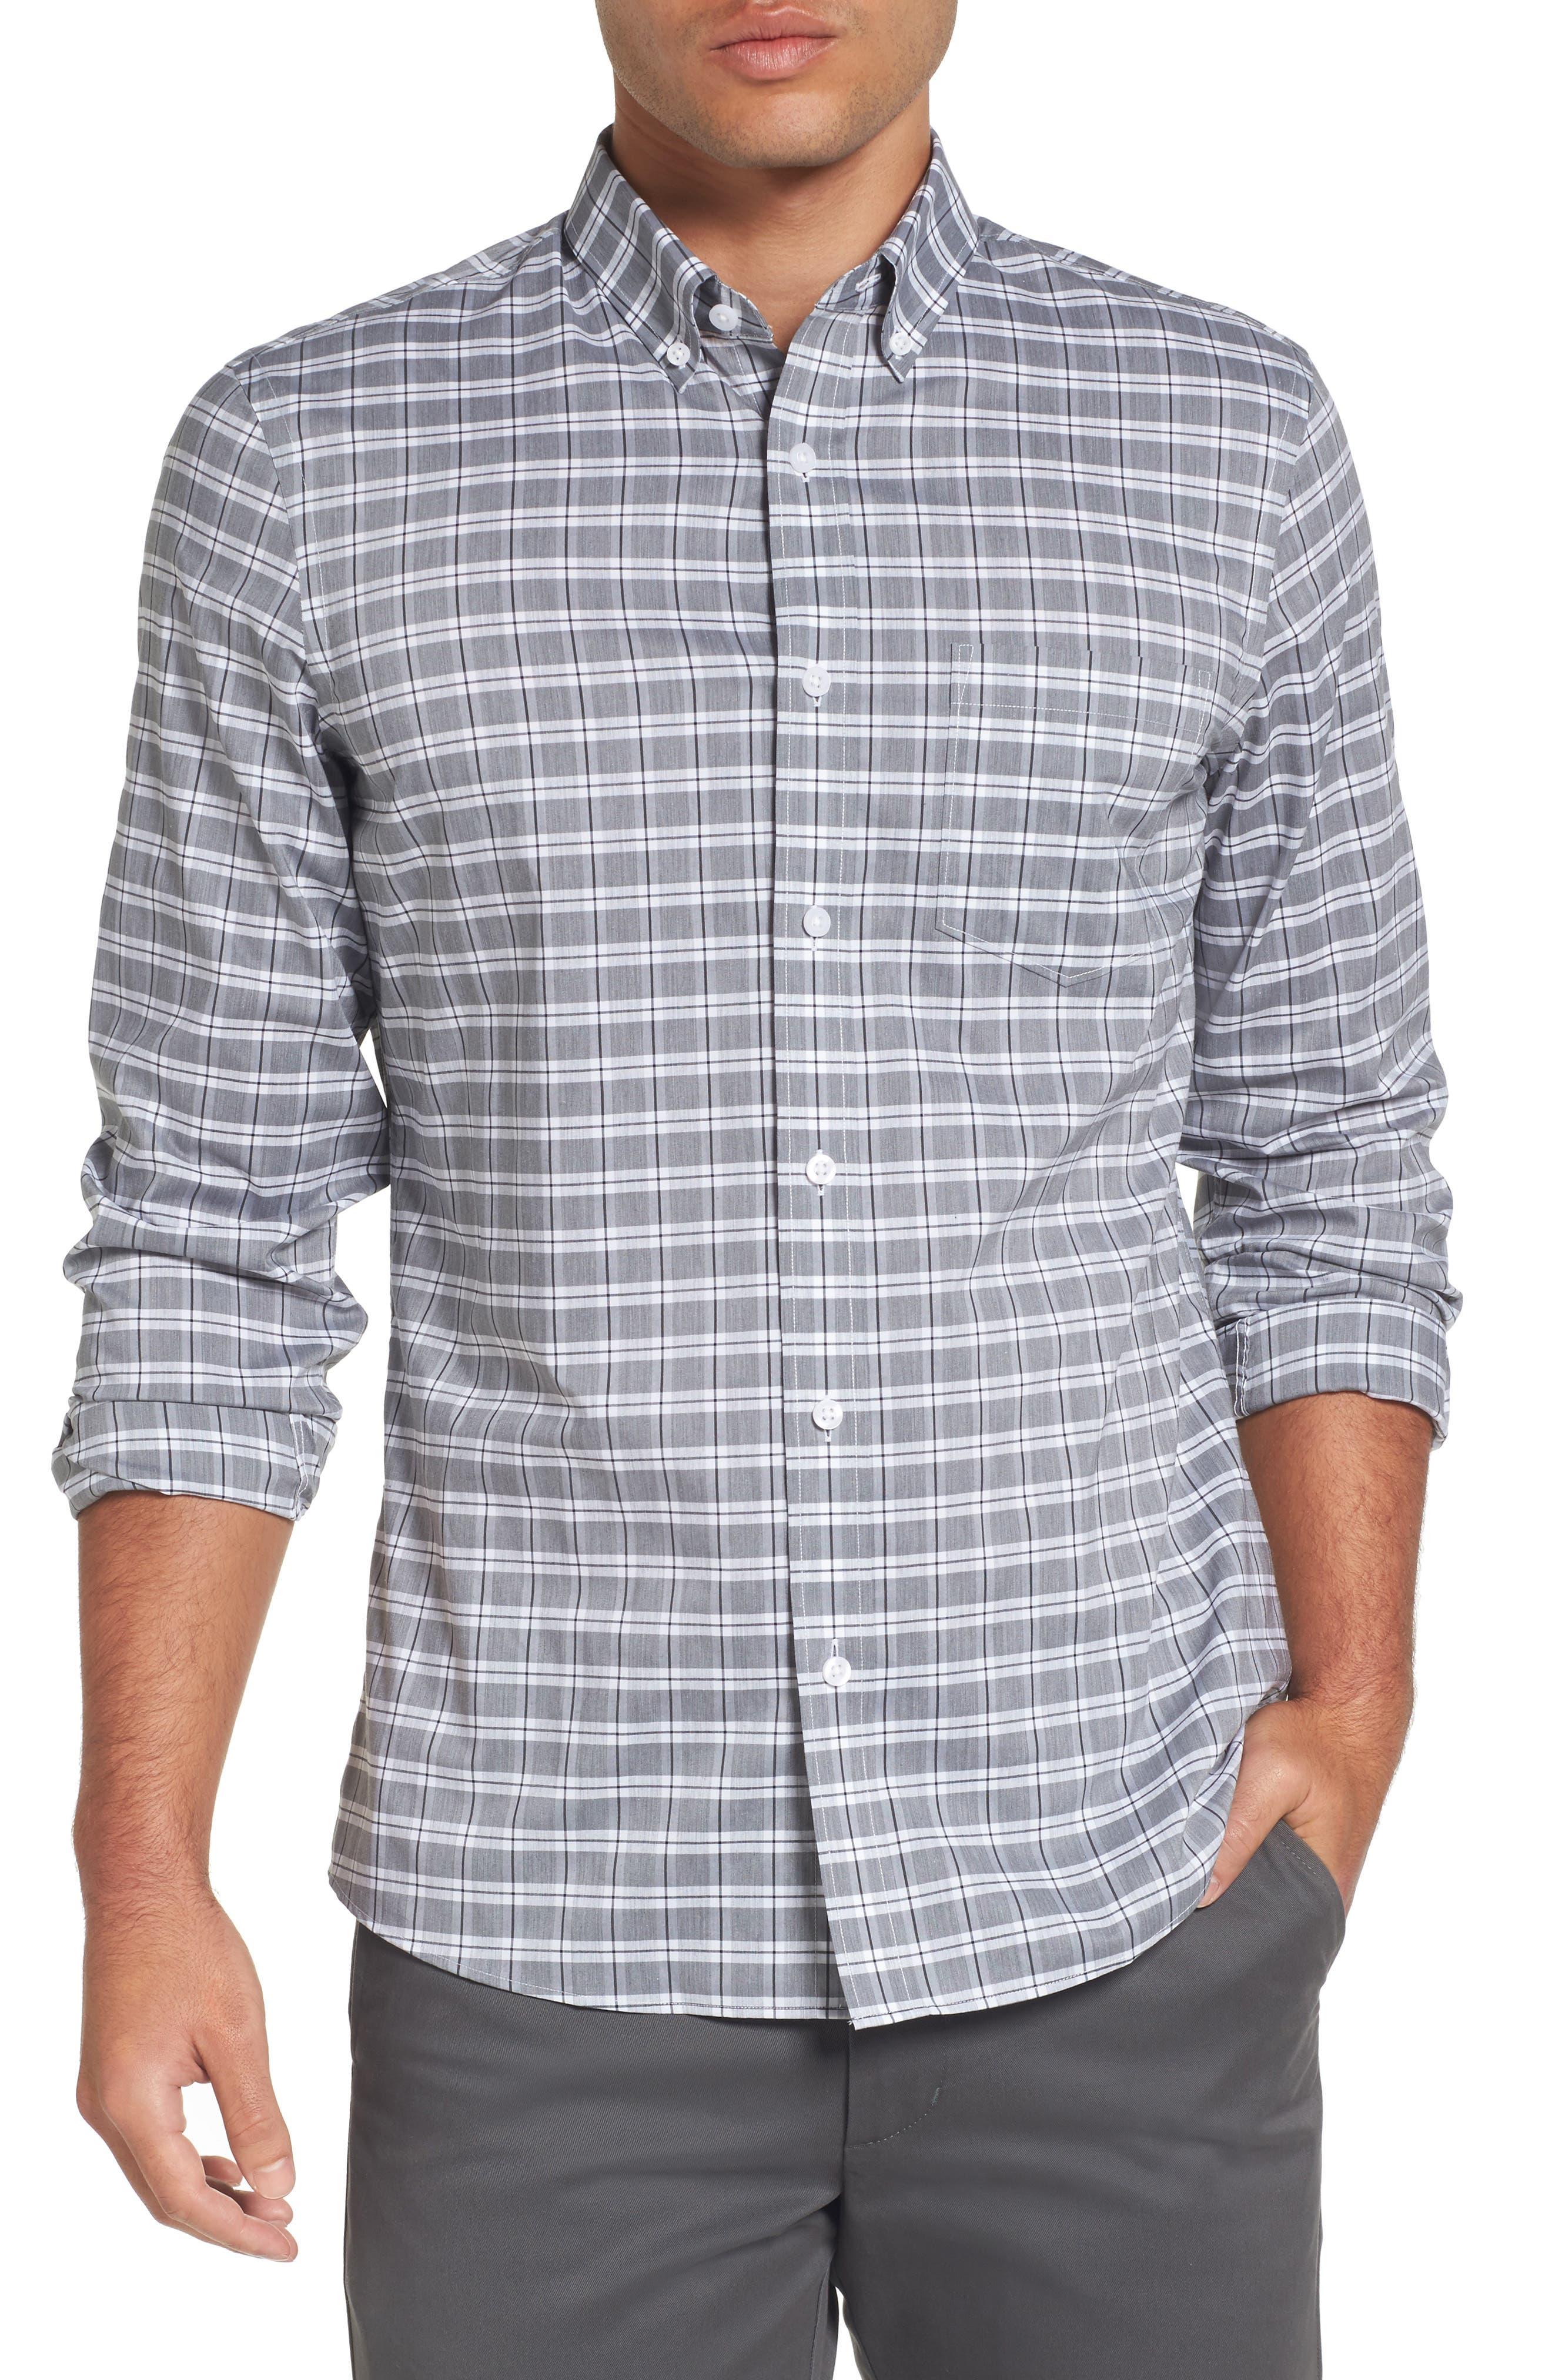 Trim Fit Tech-Smart Heather Check Sport Shirt,                         Main,                         color, 030